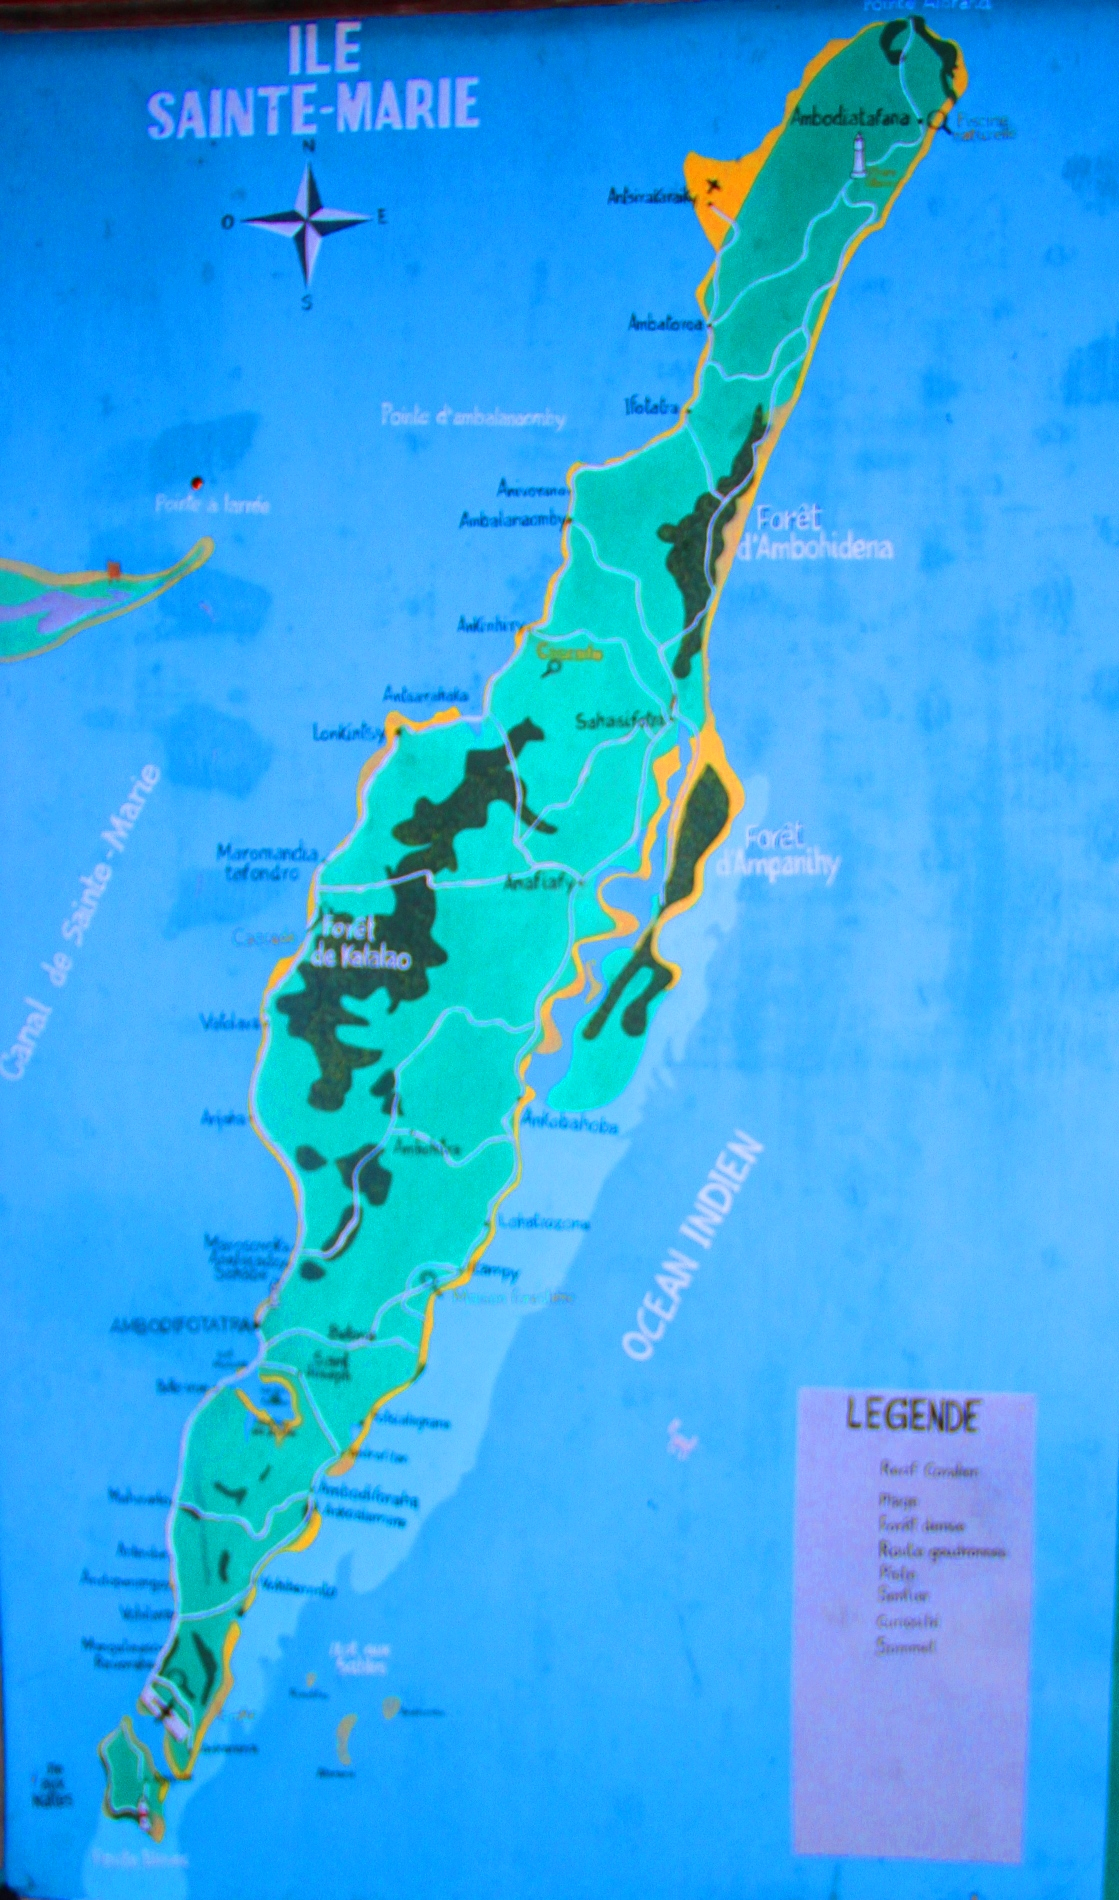 île Sainte-Marie : Présentation